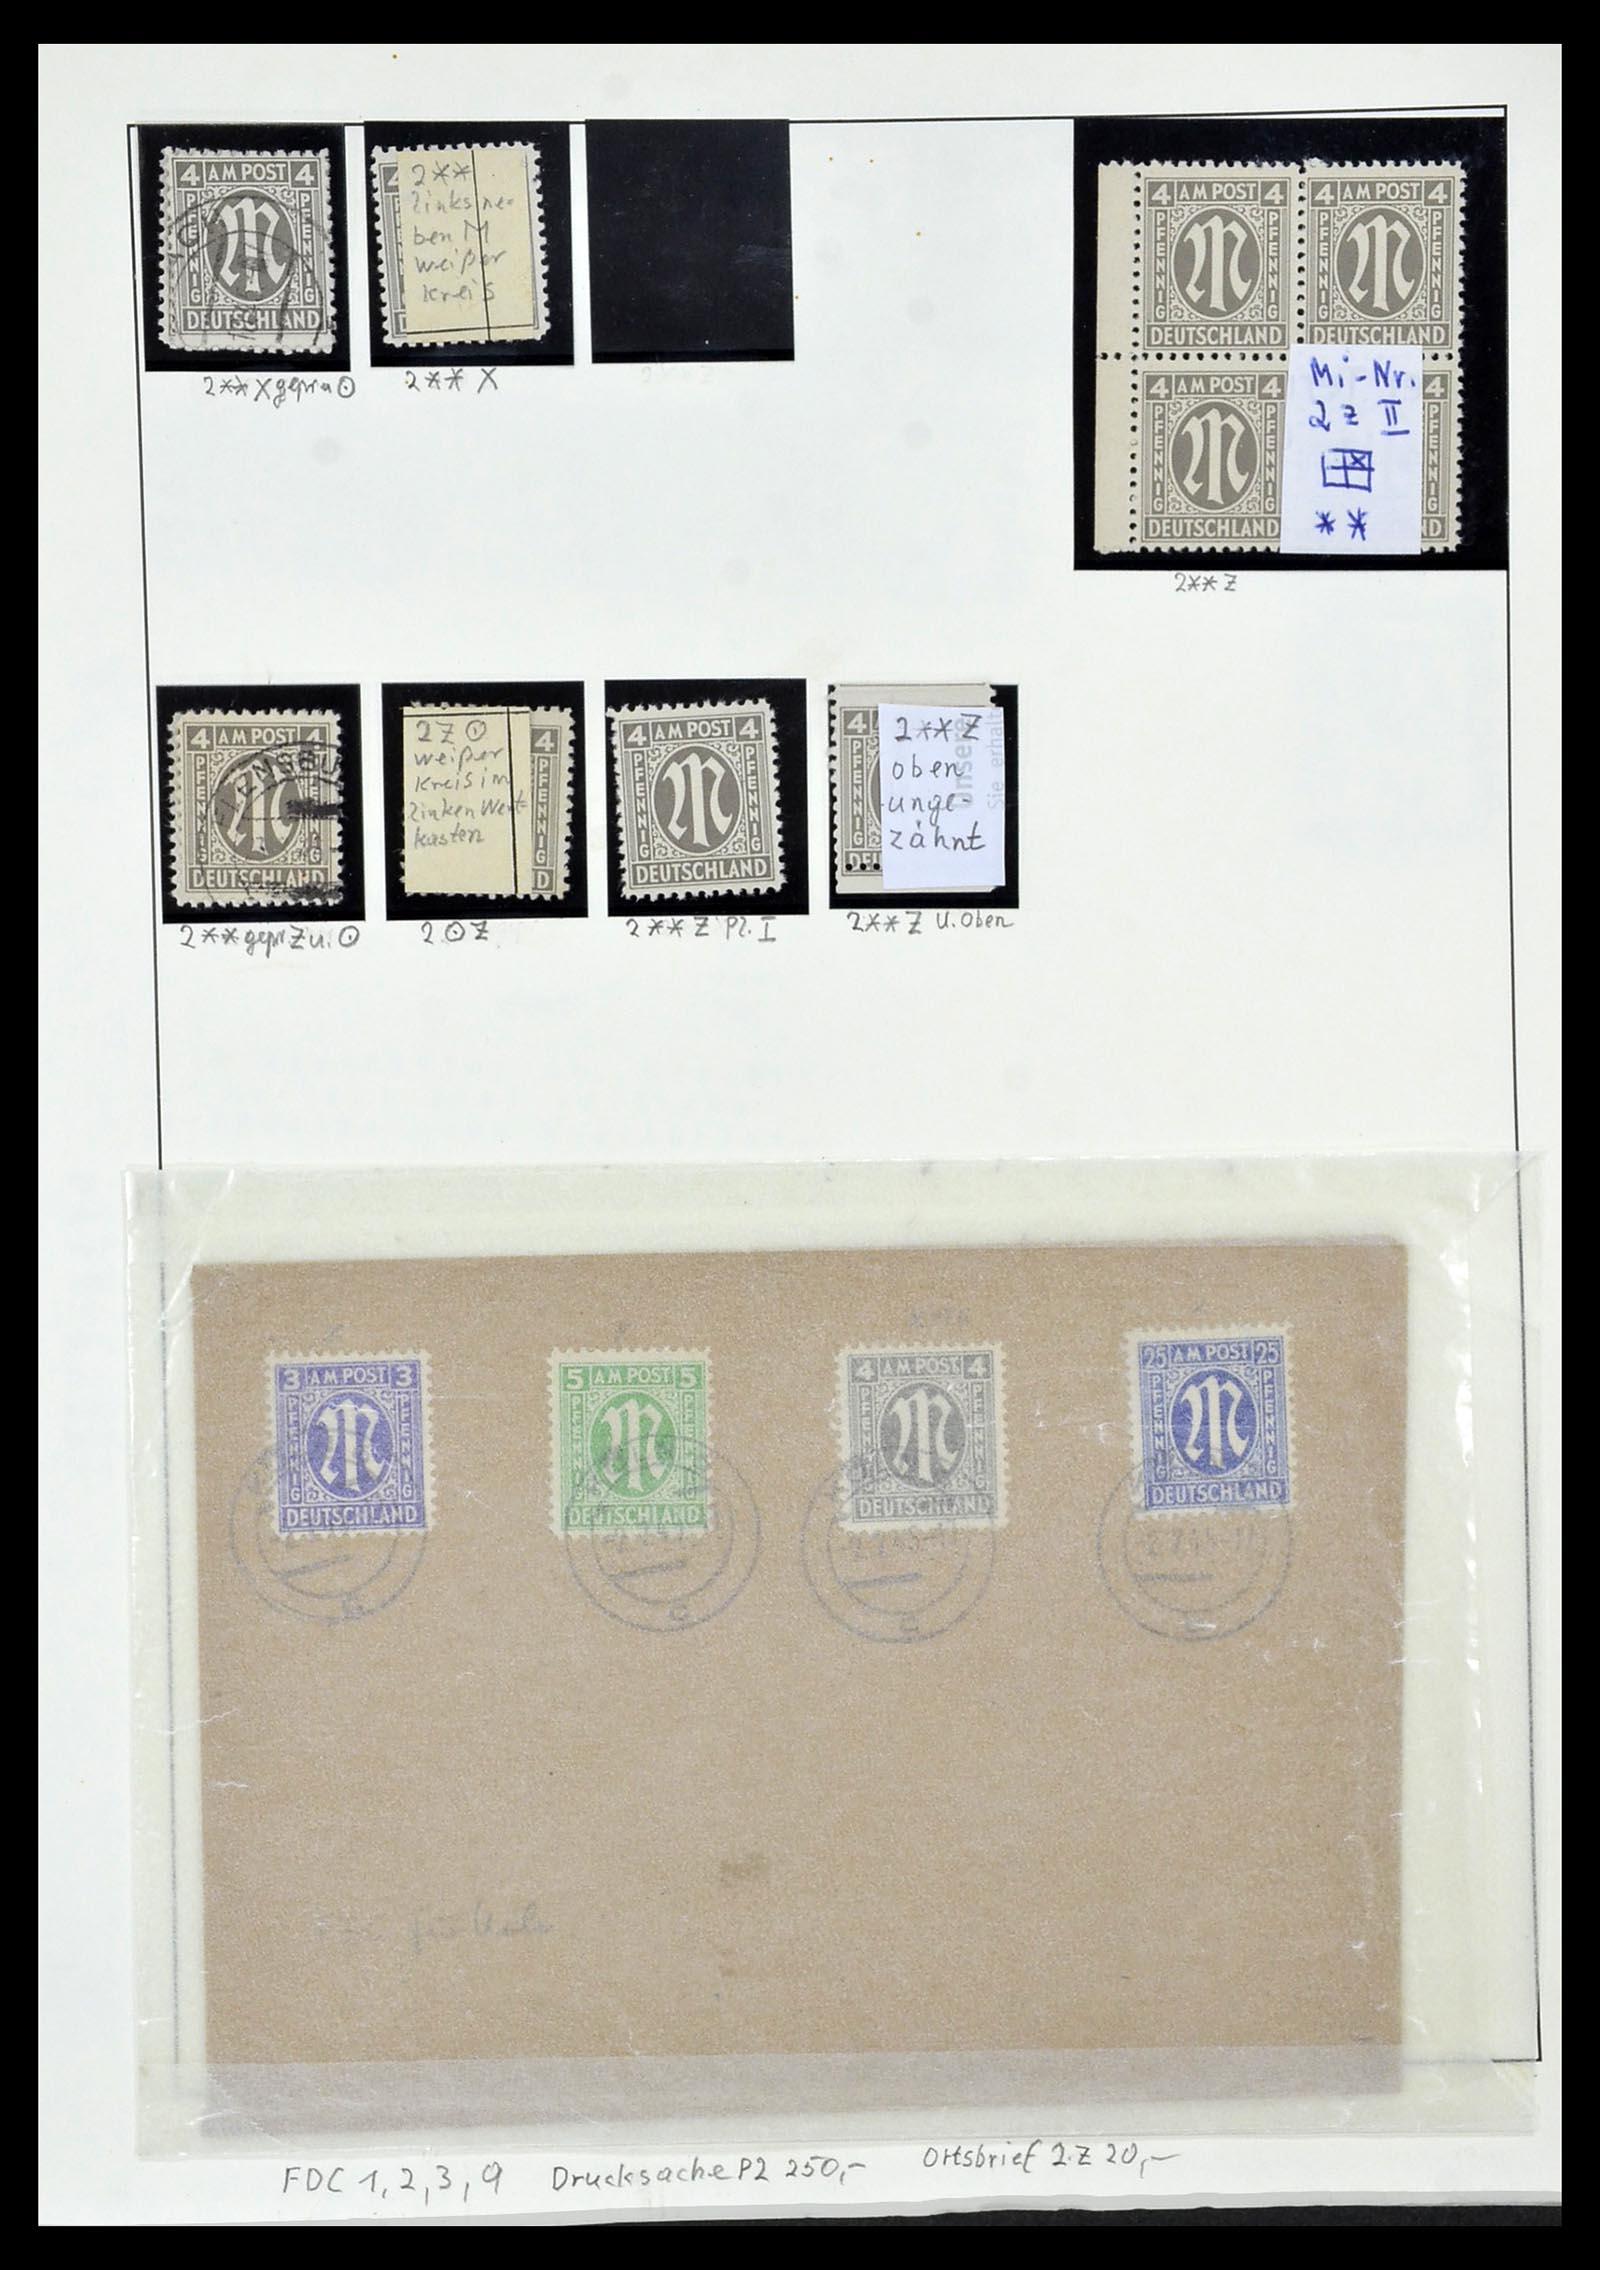 34152 013 - Postzegelverzameling 34152 Duitse Zones 1945-1949.